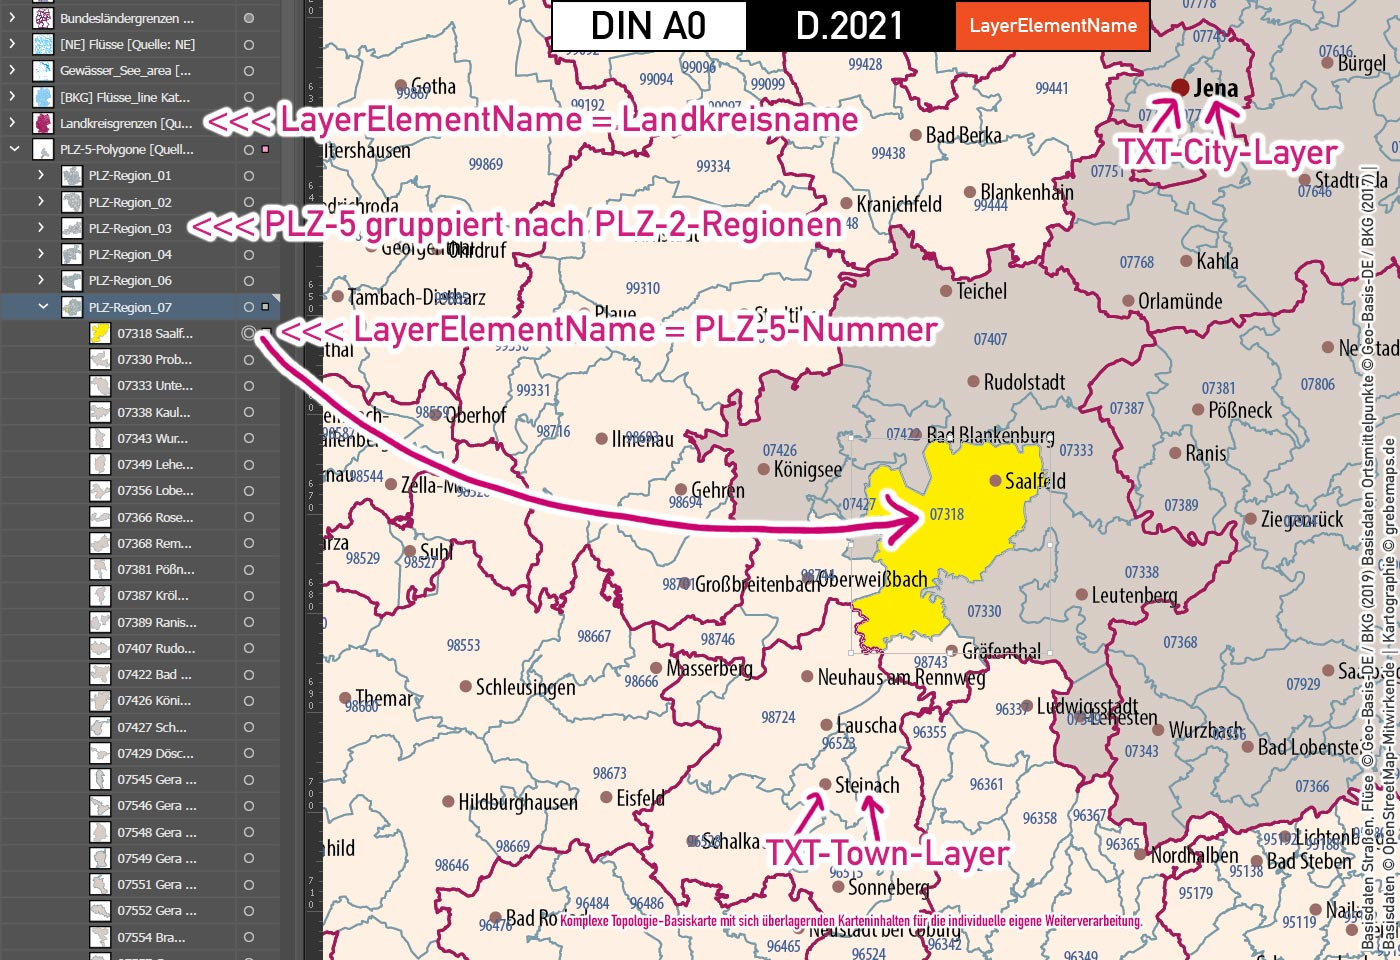 Deutschland Postleitzahlen Karte PLZ-1-2-5 mit Landkreisen Bundesländern Autobahnen Gewässer Ortsnamen Vektorkarte (2021), Karte Postleitzahlen Deutschland, PLZ-Karte Deutschland, Karte PLZ-5, Karte PLZ 5-stellig Deutschland, AI, editierbar, download